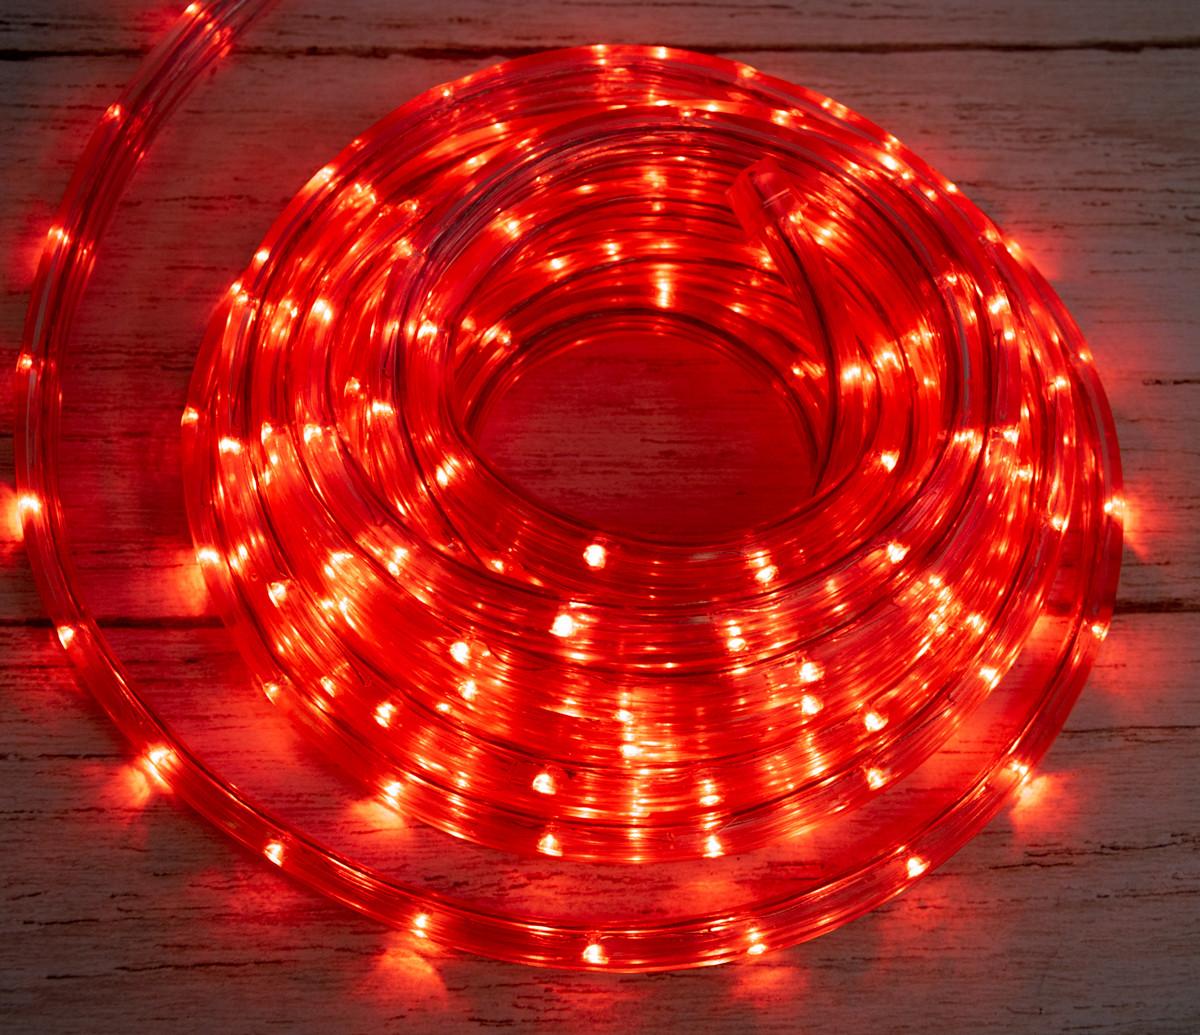 Розпродаж! Дюралайт гірлянда на вулицю Xmas Rope Light R Червона на 8 метрів, світлодіодна гірлянда з пультом